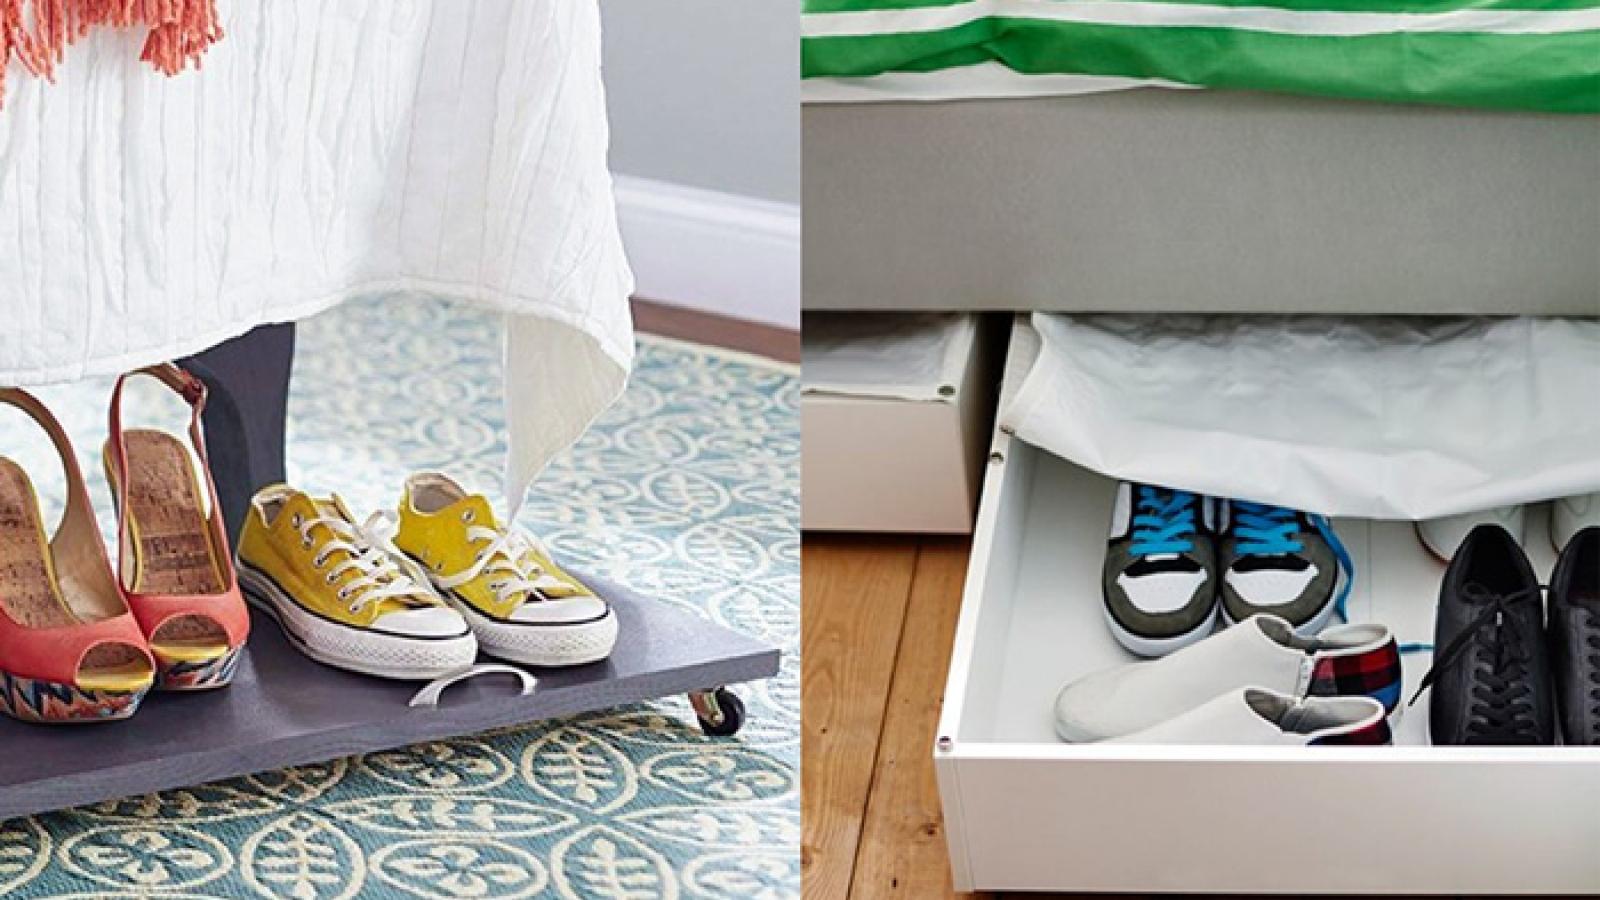 Những ý tưởng giá để giàygiúp không gian gọn gàng, xinh xắn